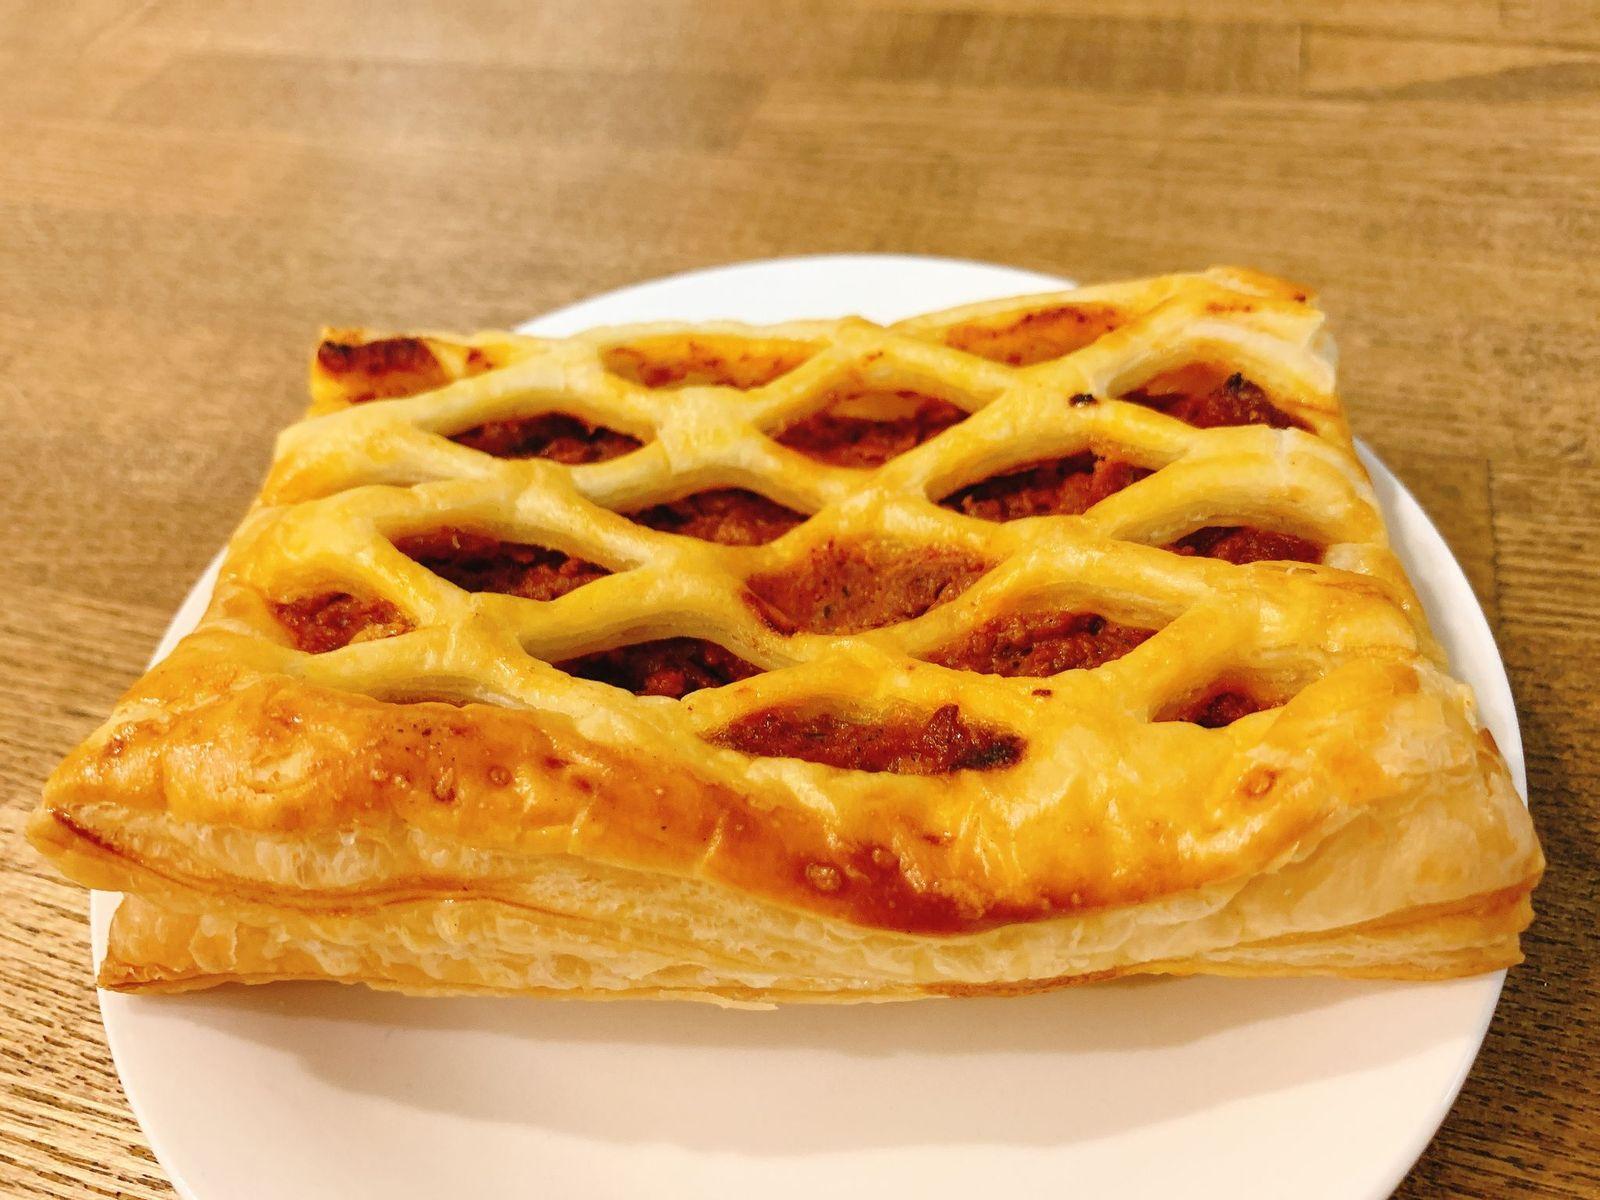 神戸屋,自由が丘,パン,パイ,ベーカリー,パン屋,完熟トマトのミートパイ,ミートパイ